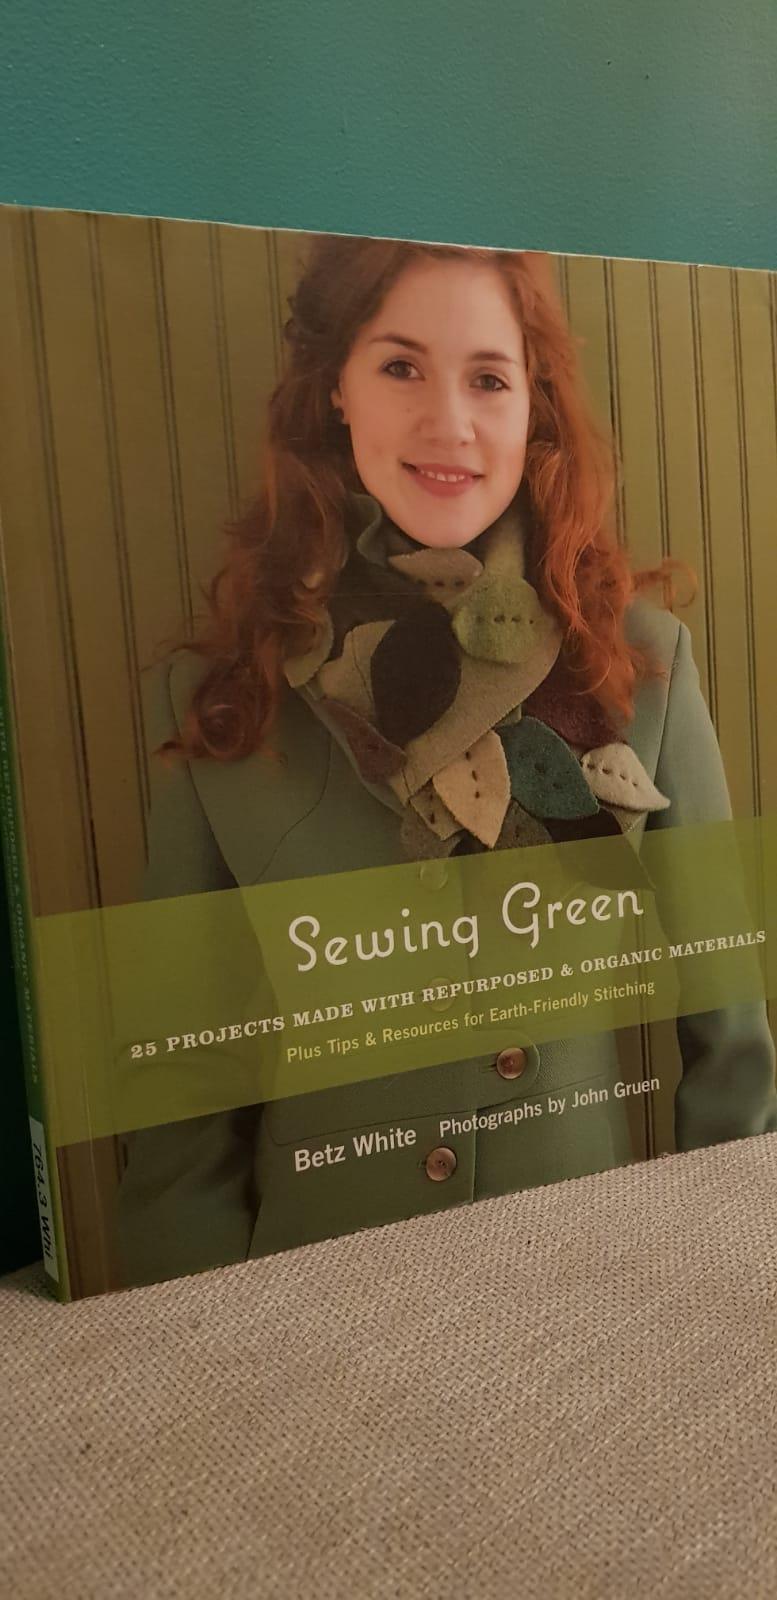 vanhasta uutta sewing green